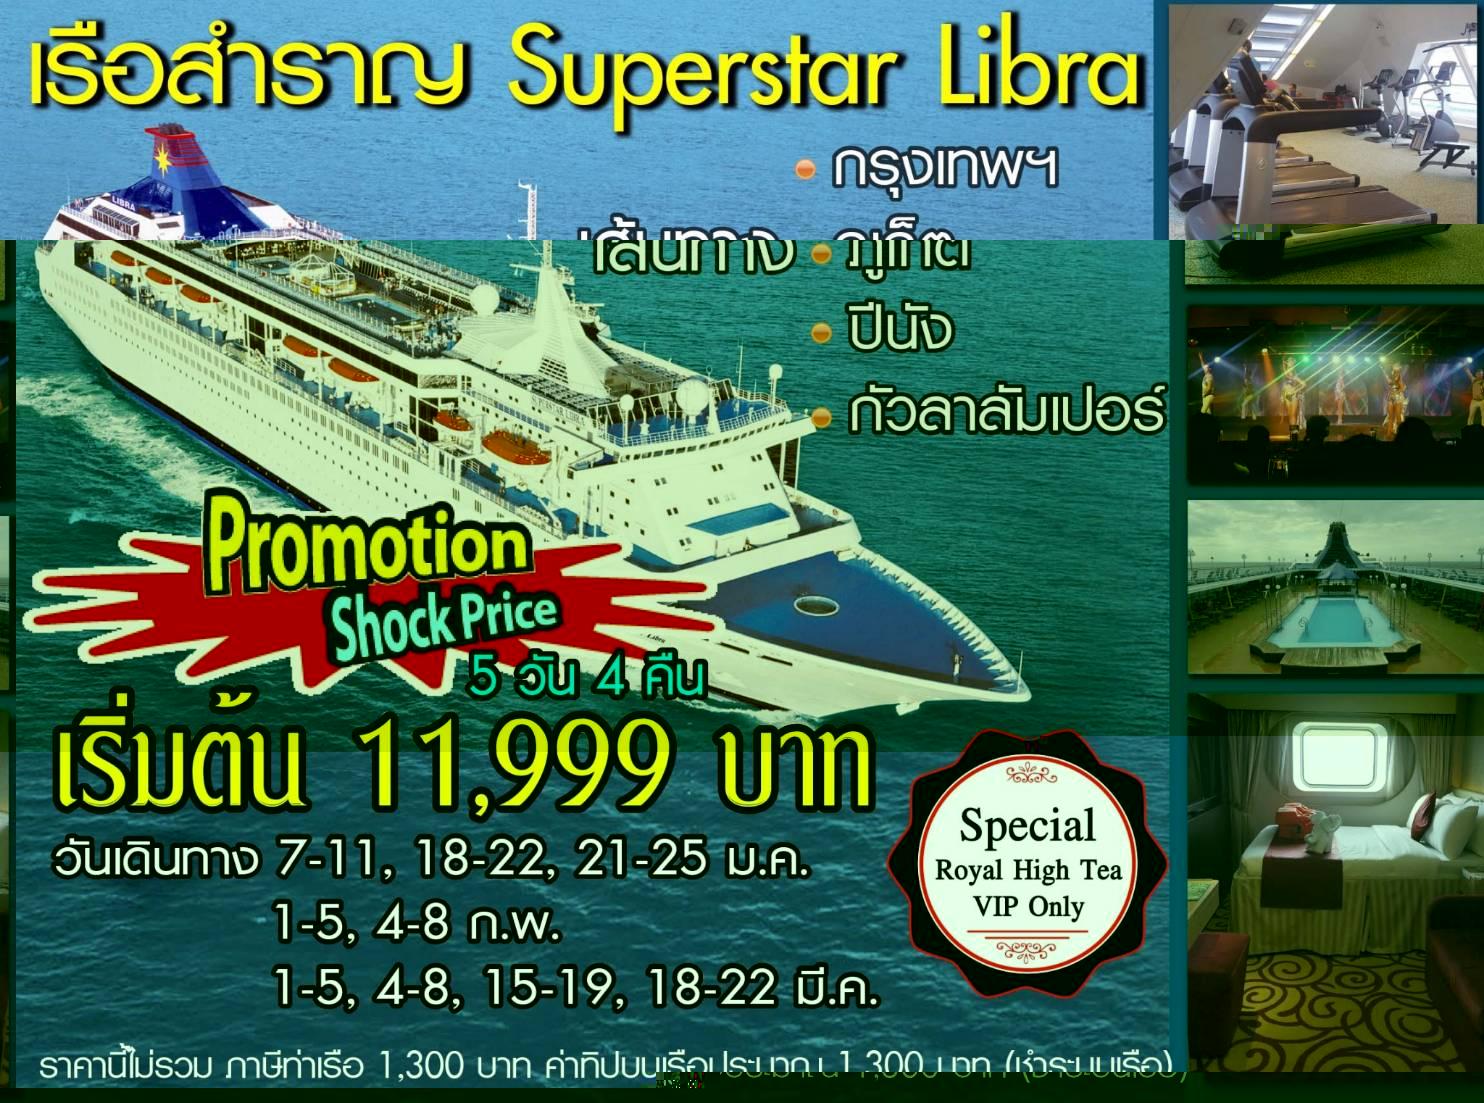 ล่องเรือสำราญ SUPERSTAR LIBRA